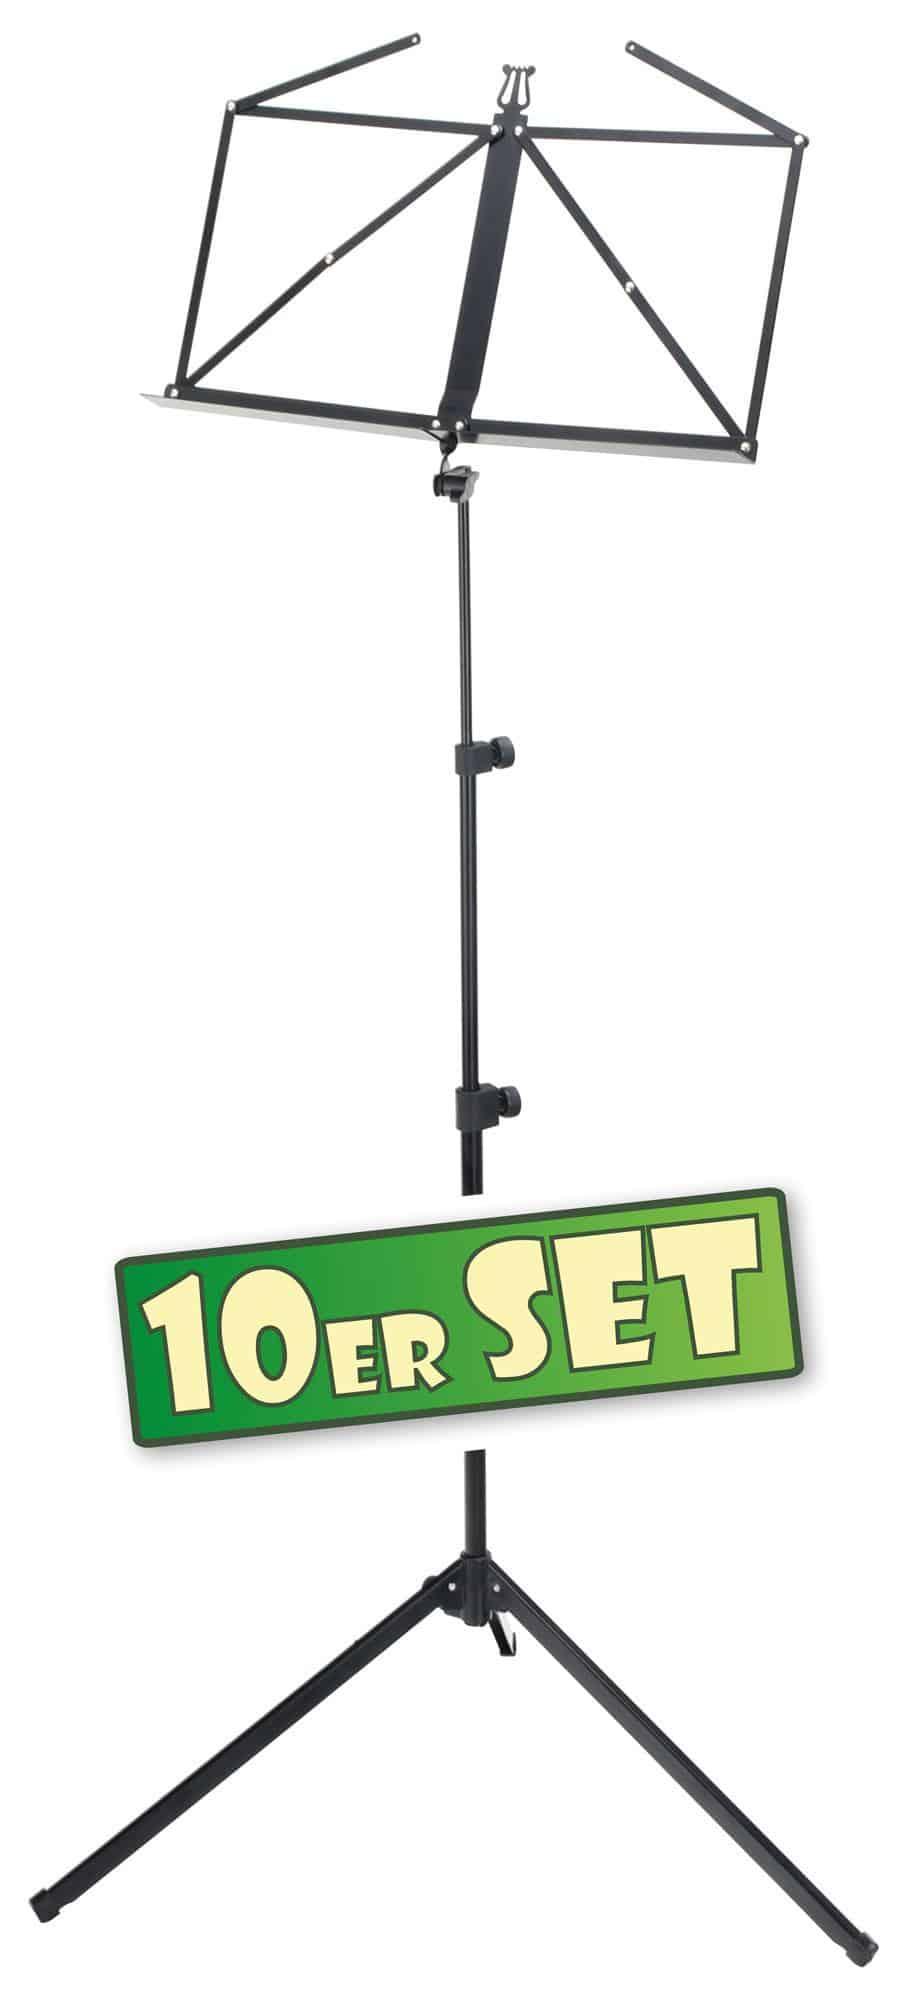 10er SET McGrey 100|2 B Notenständer schwarz, mit Tasche